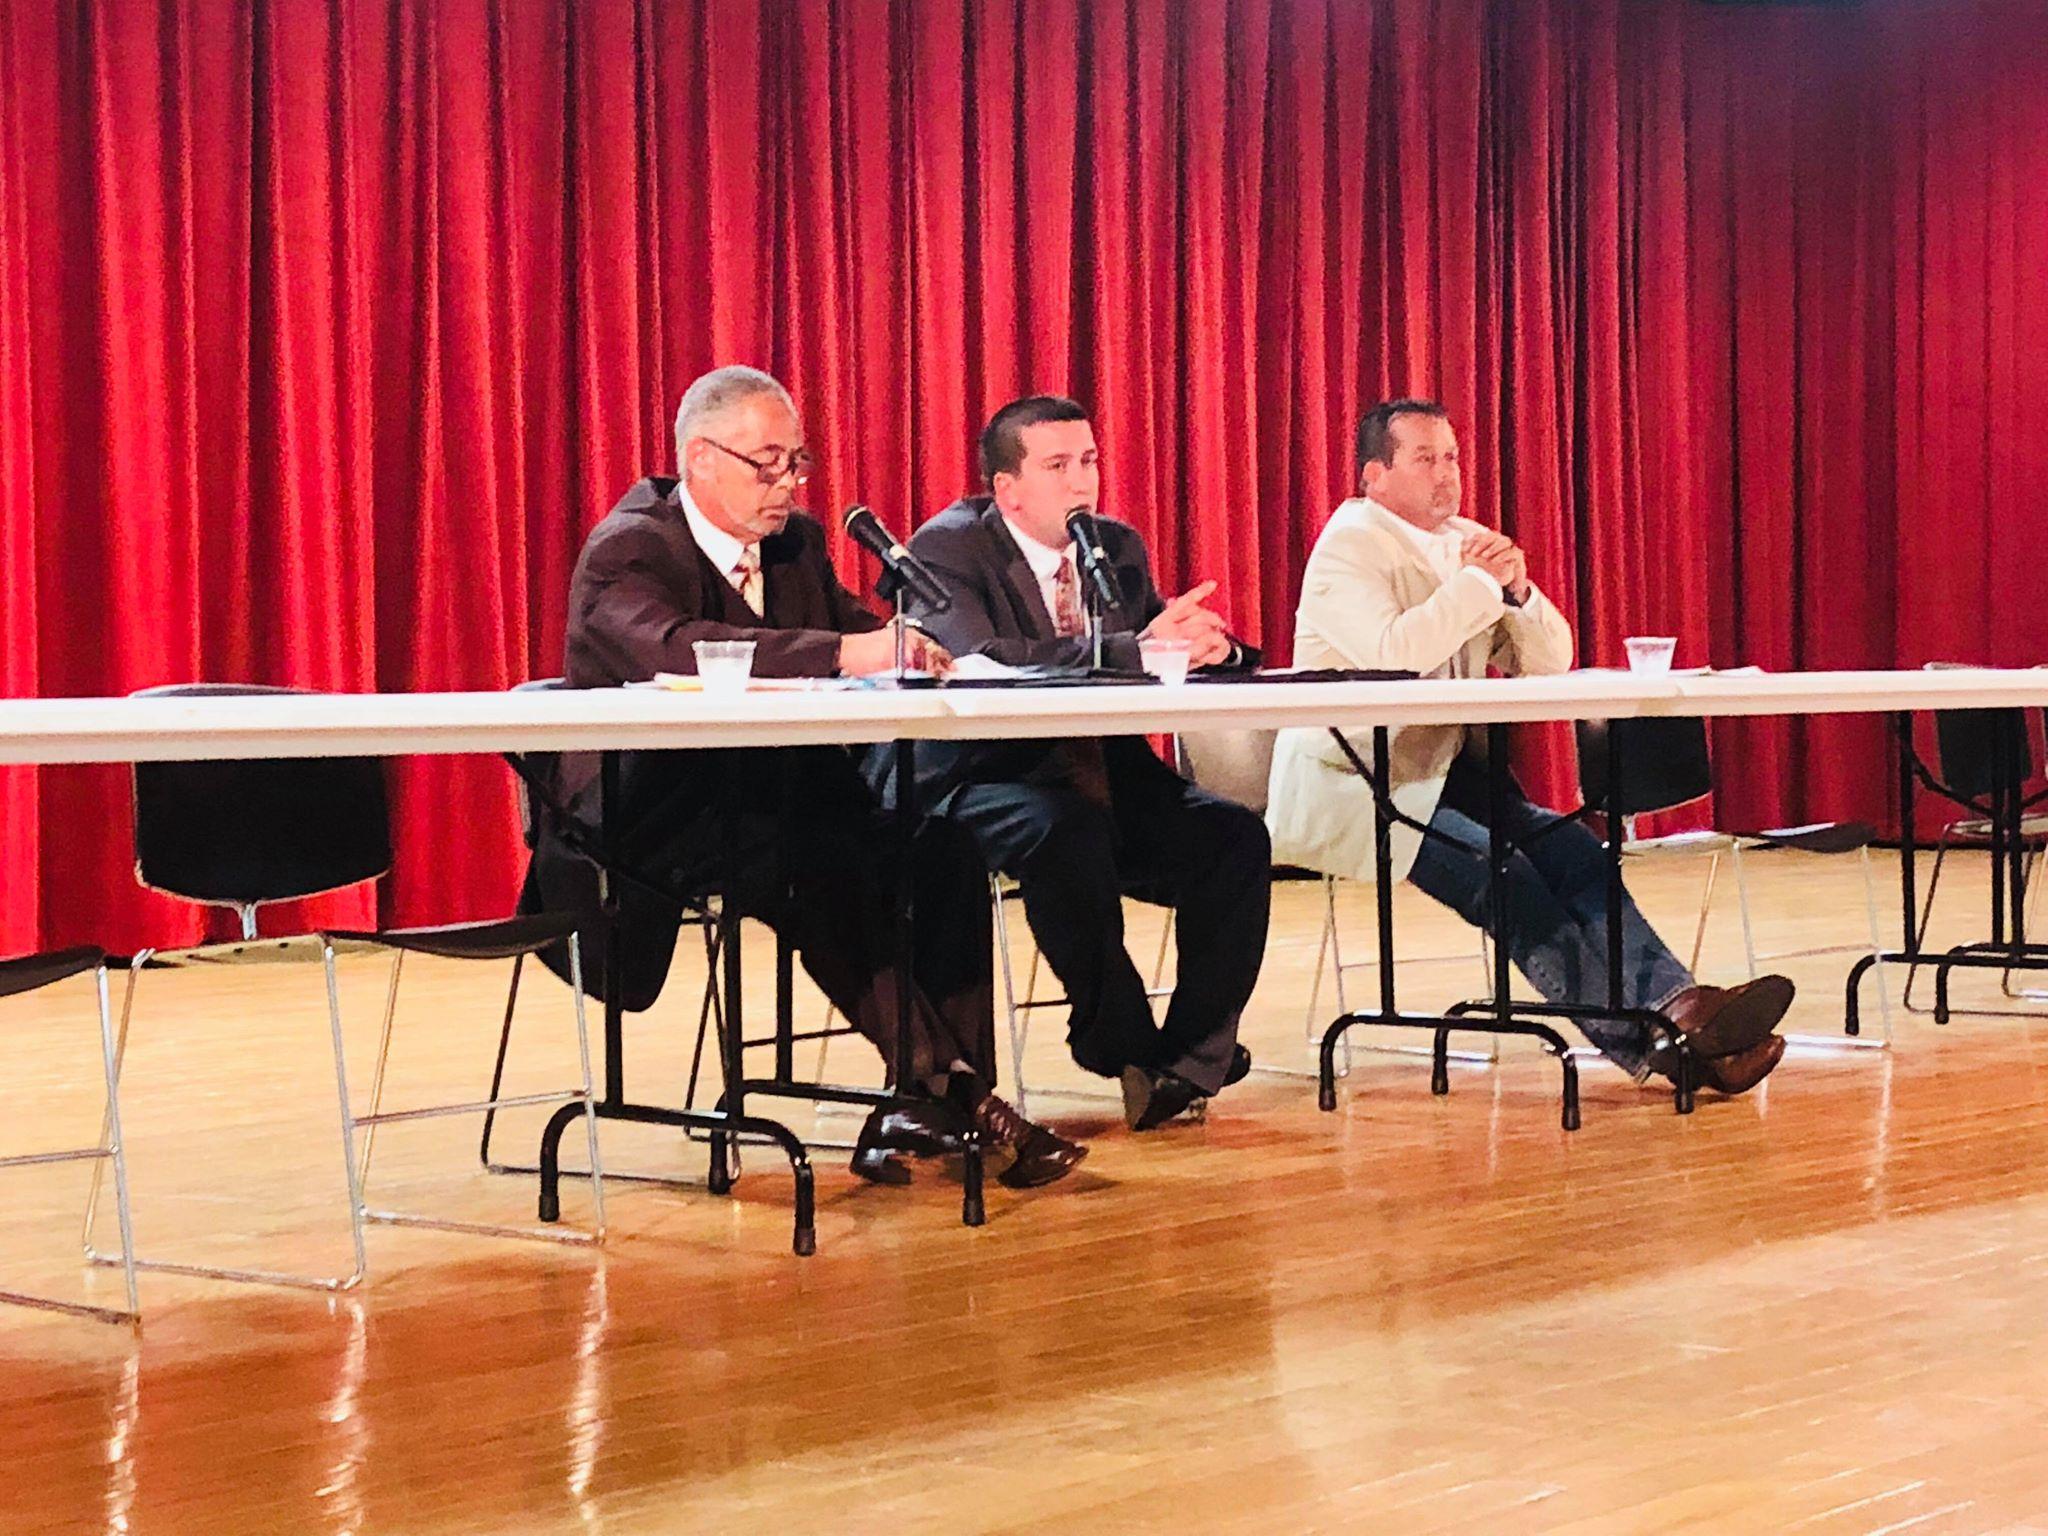 Coroner candidates face off at Focus 21st Century forum